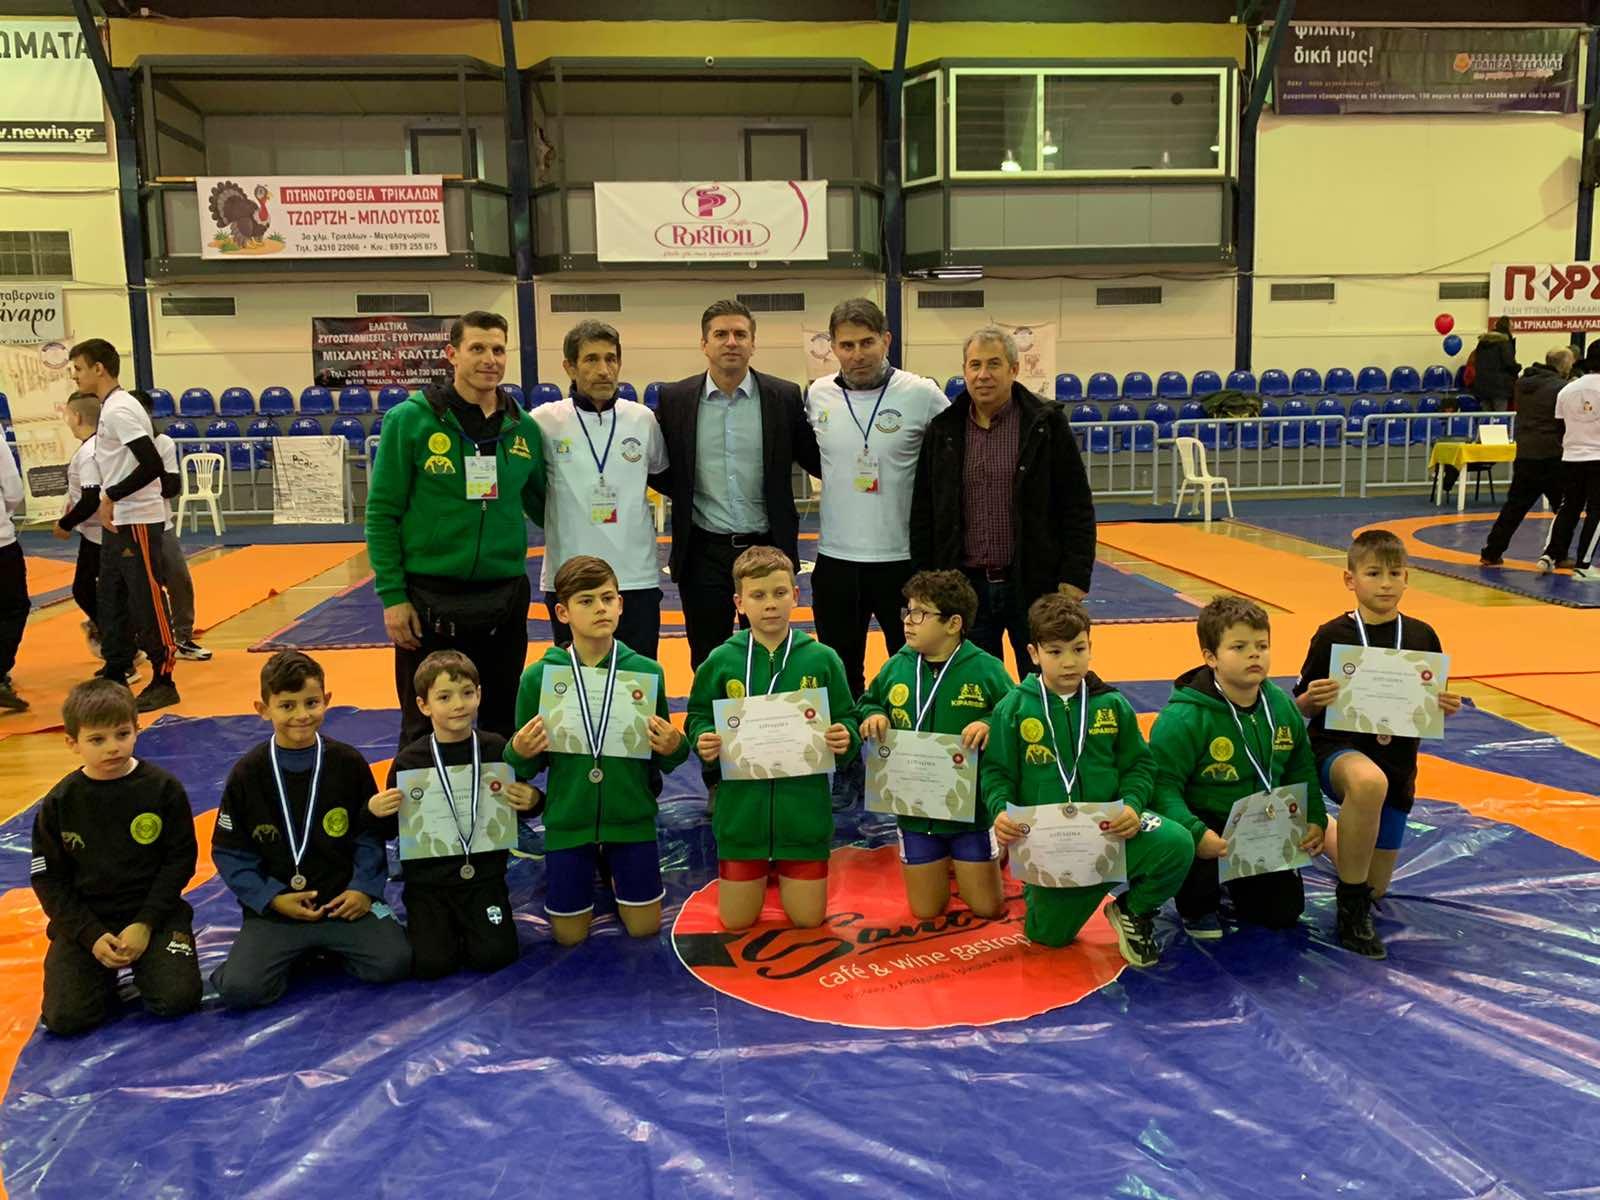 Κοντά στους μελλοντικούς πρωταθλητές της πάλης ο Θανάσης Παιδής